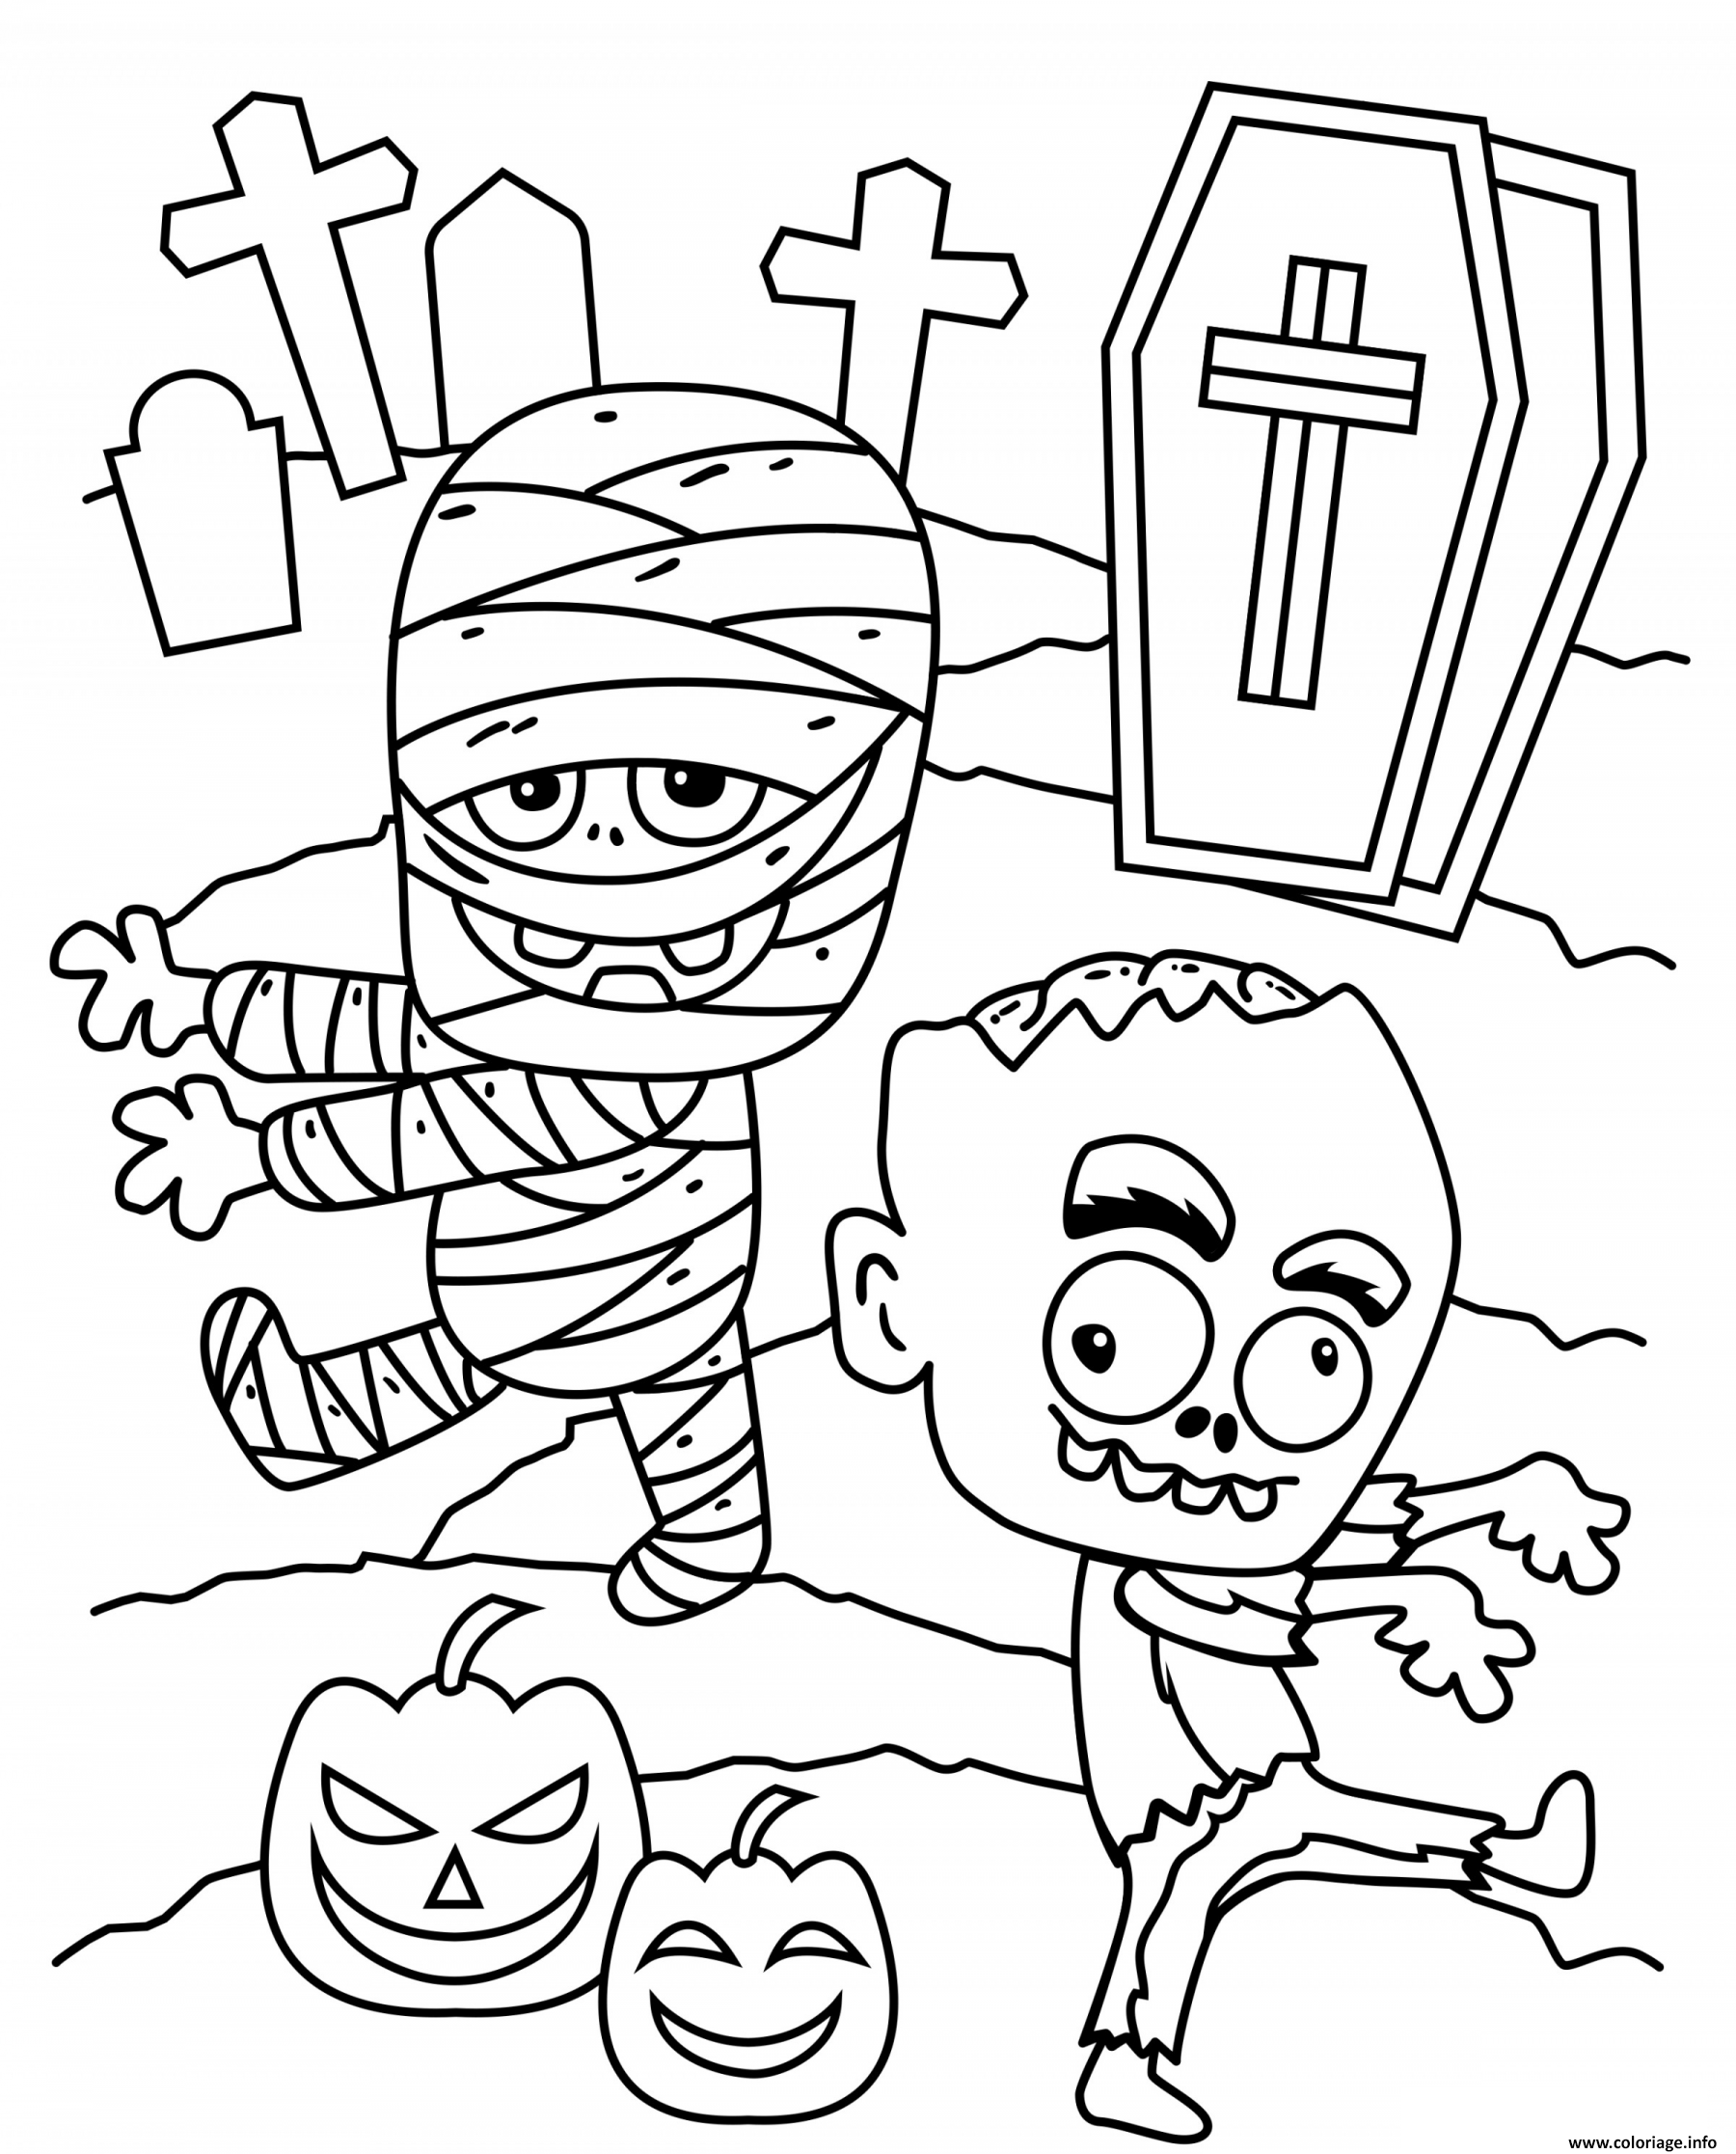 Dessin Halloween Zombie.Coloriage Halloween Zombie Citrouille Au Cimetiere Dessin Halloween A Imprimer